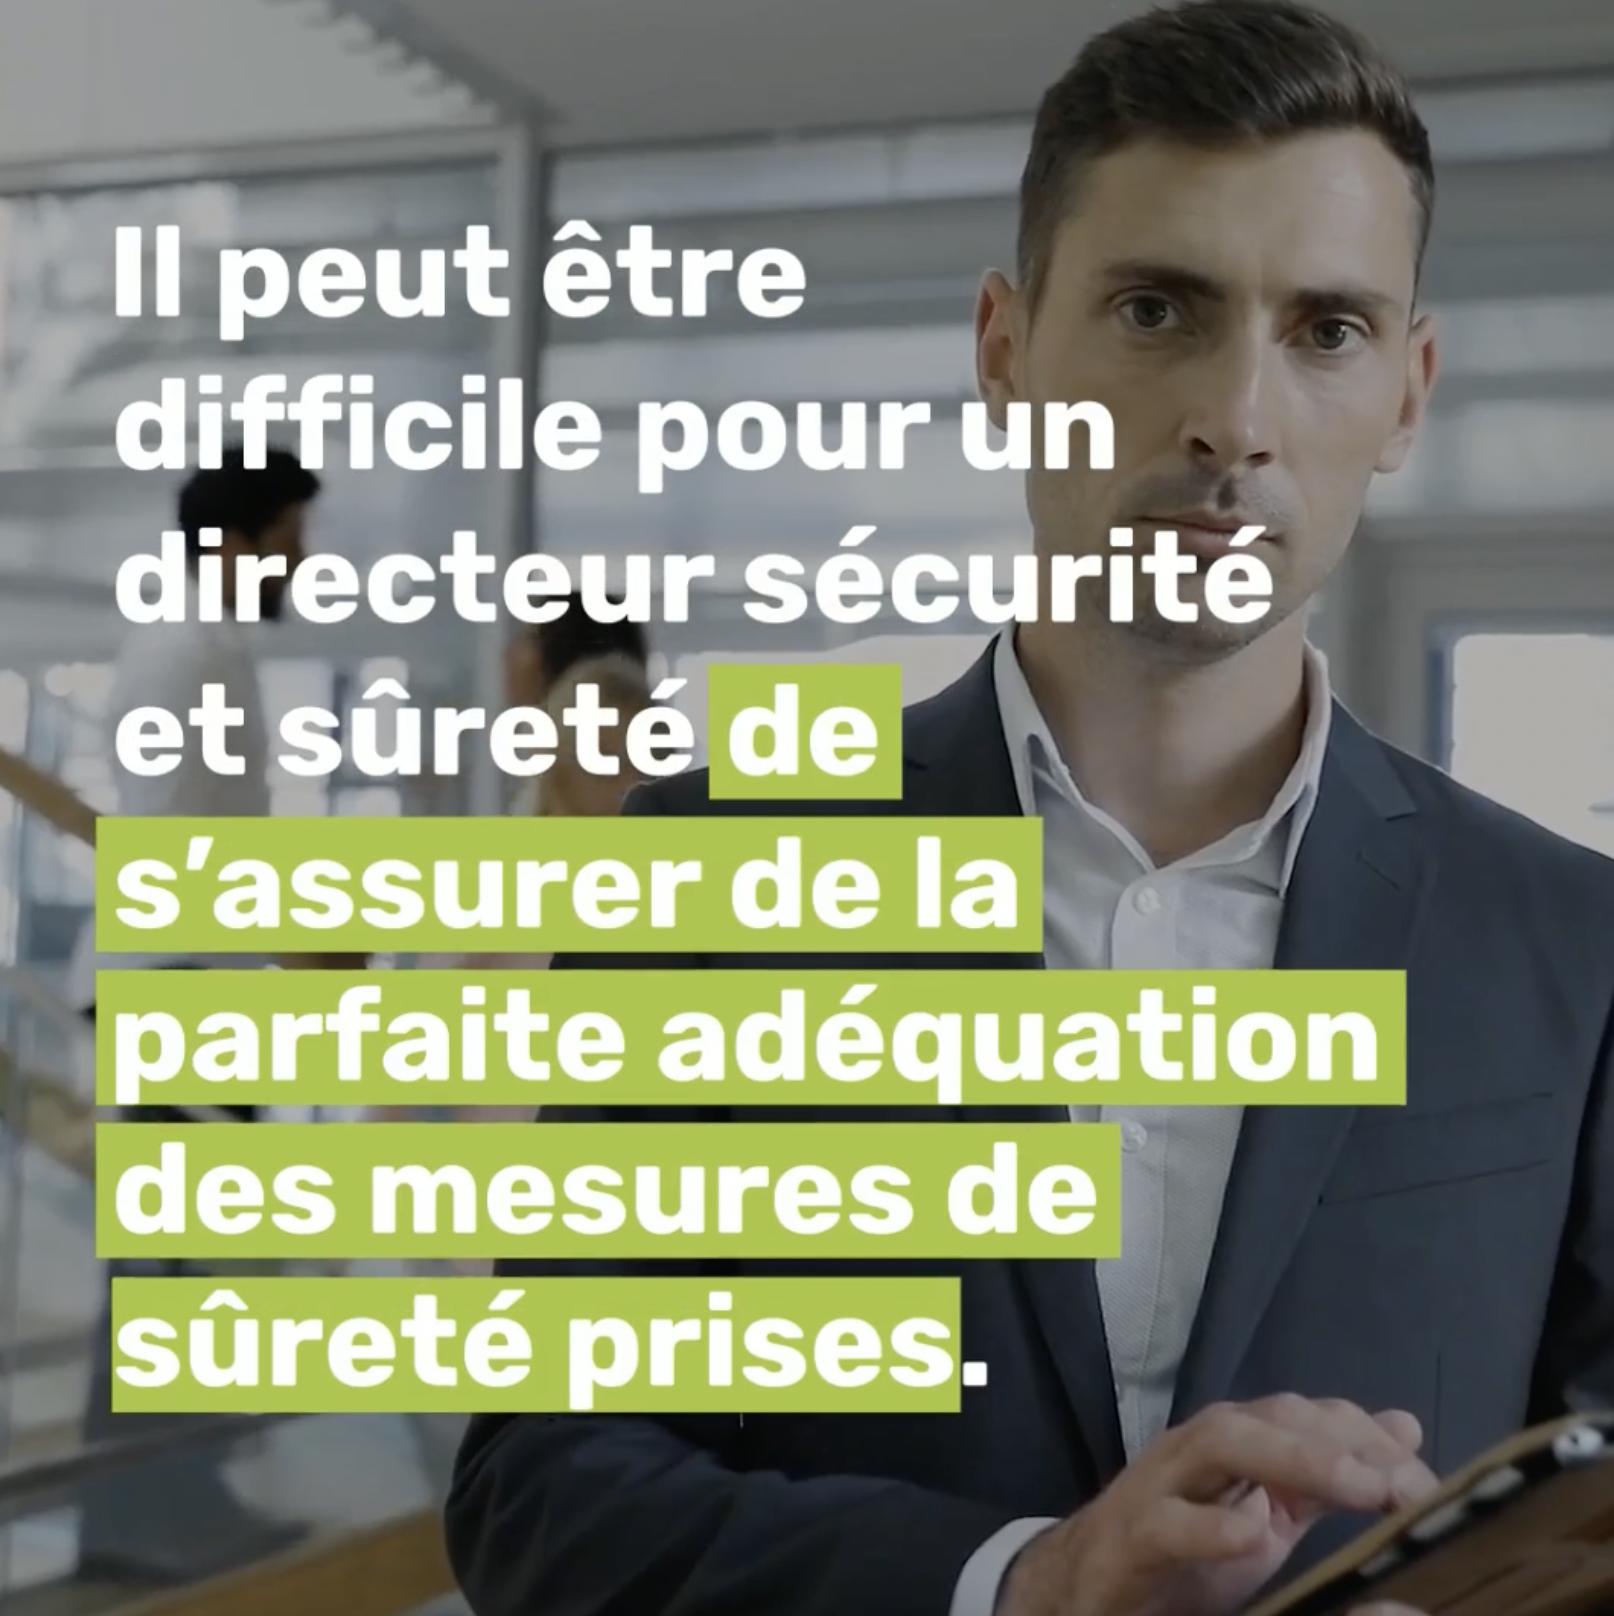 Contrôle d'accès, surveillance humaine, sécurité électronique, vidéoprotection : votre entreprise est-elle suffisamment protégée ?